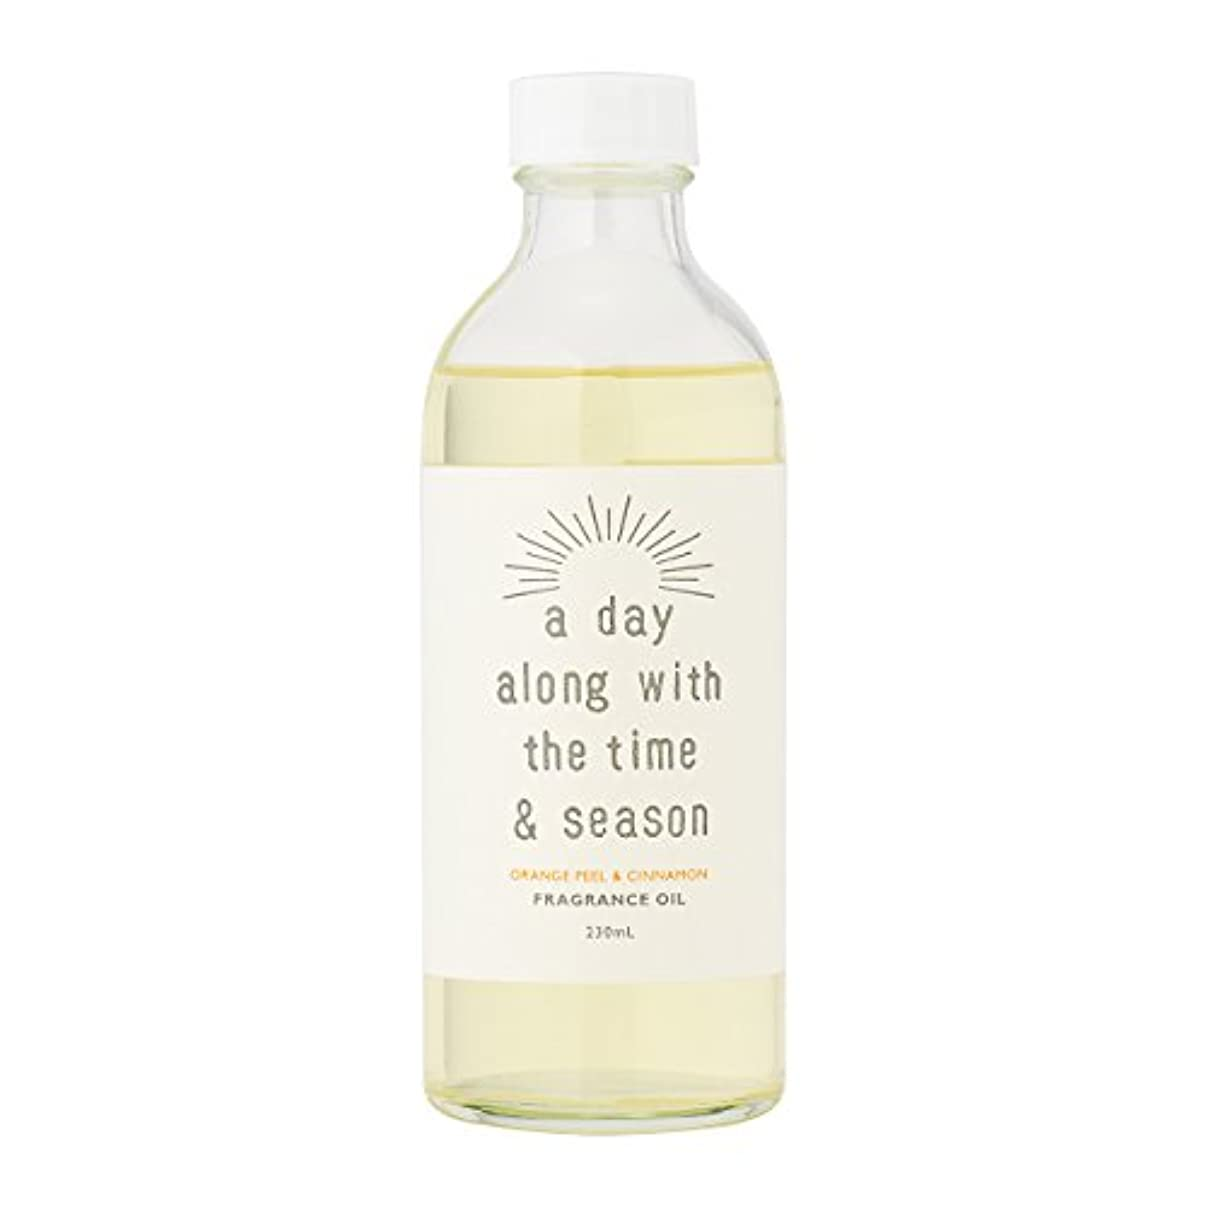 質量多様な水没アデイ(a day) リードディフューザー リフィル オレンジピール&シナモン 230ml(芳香剤 詰め替え用 甘酸っぱくて爽やかなオレンジピールにシナモンがふわりと広がる香り)